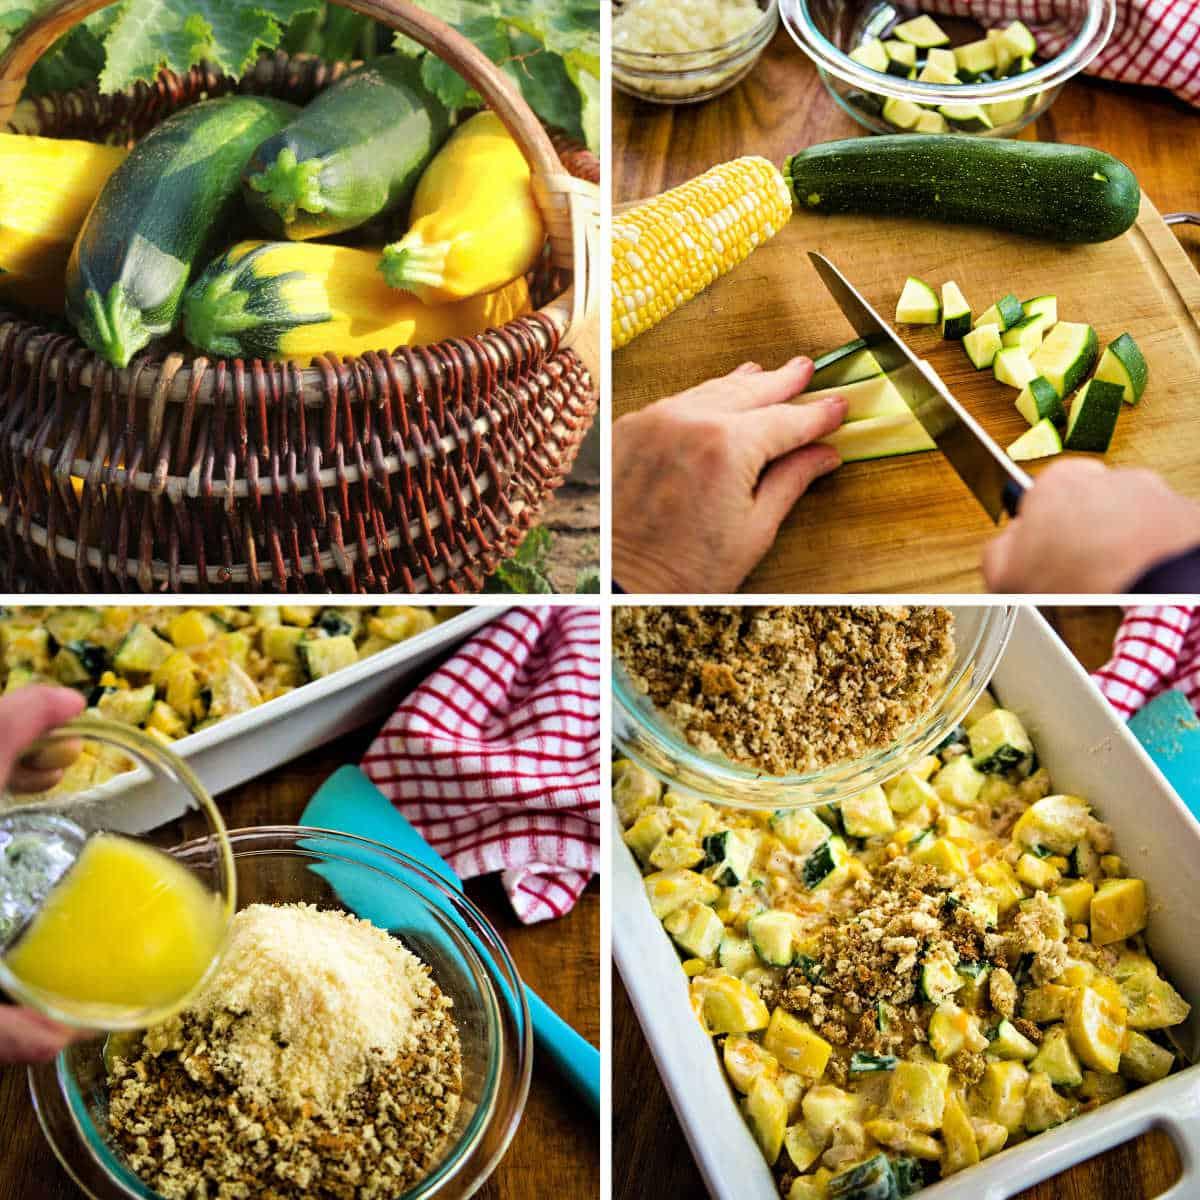 preparing squash zucchini casserole